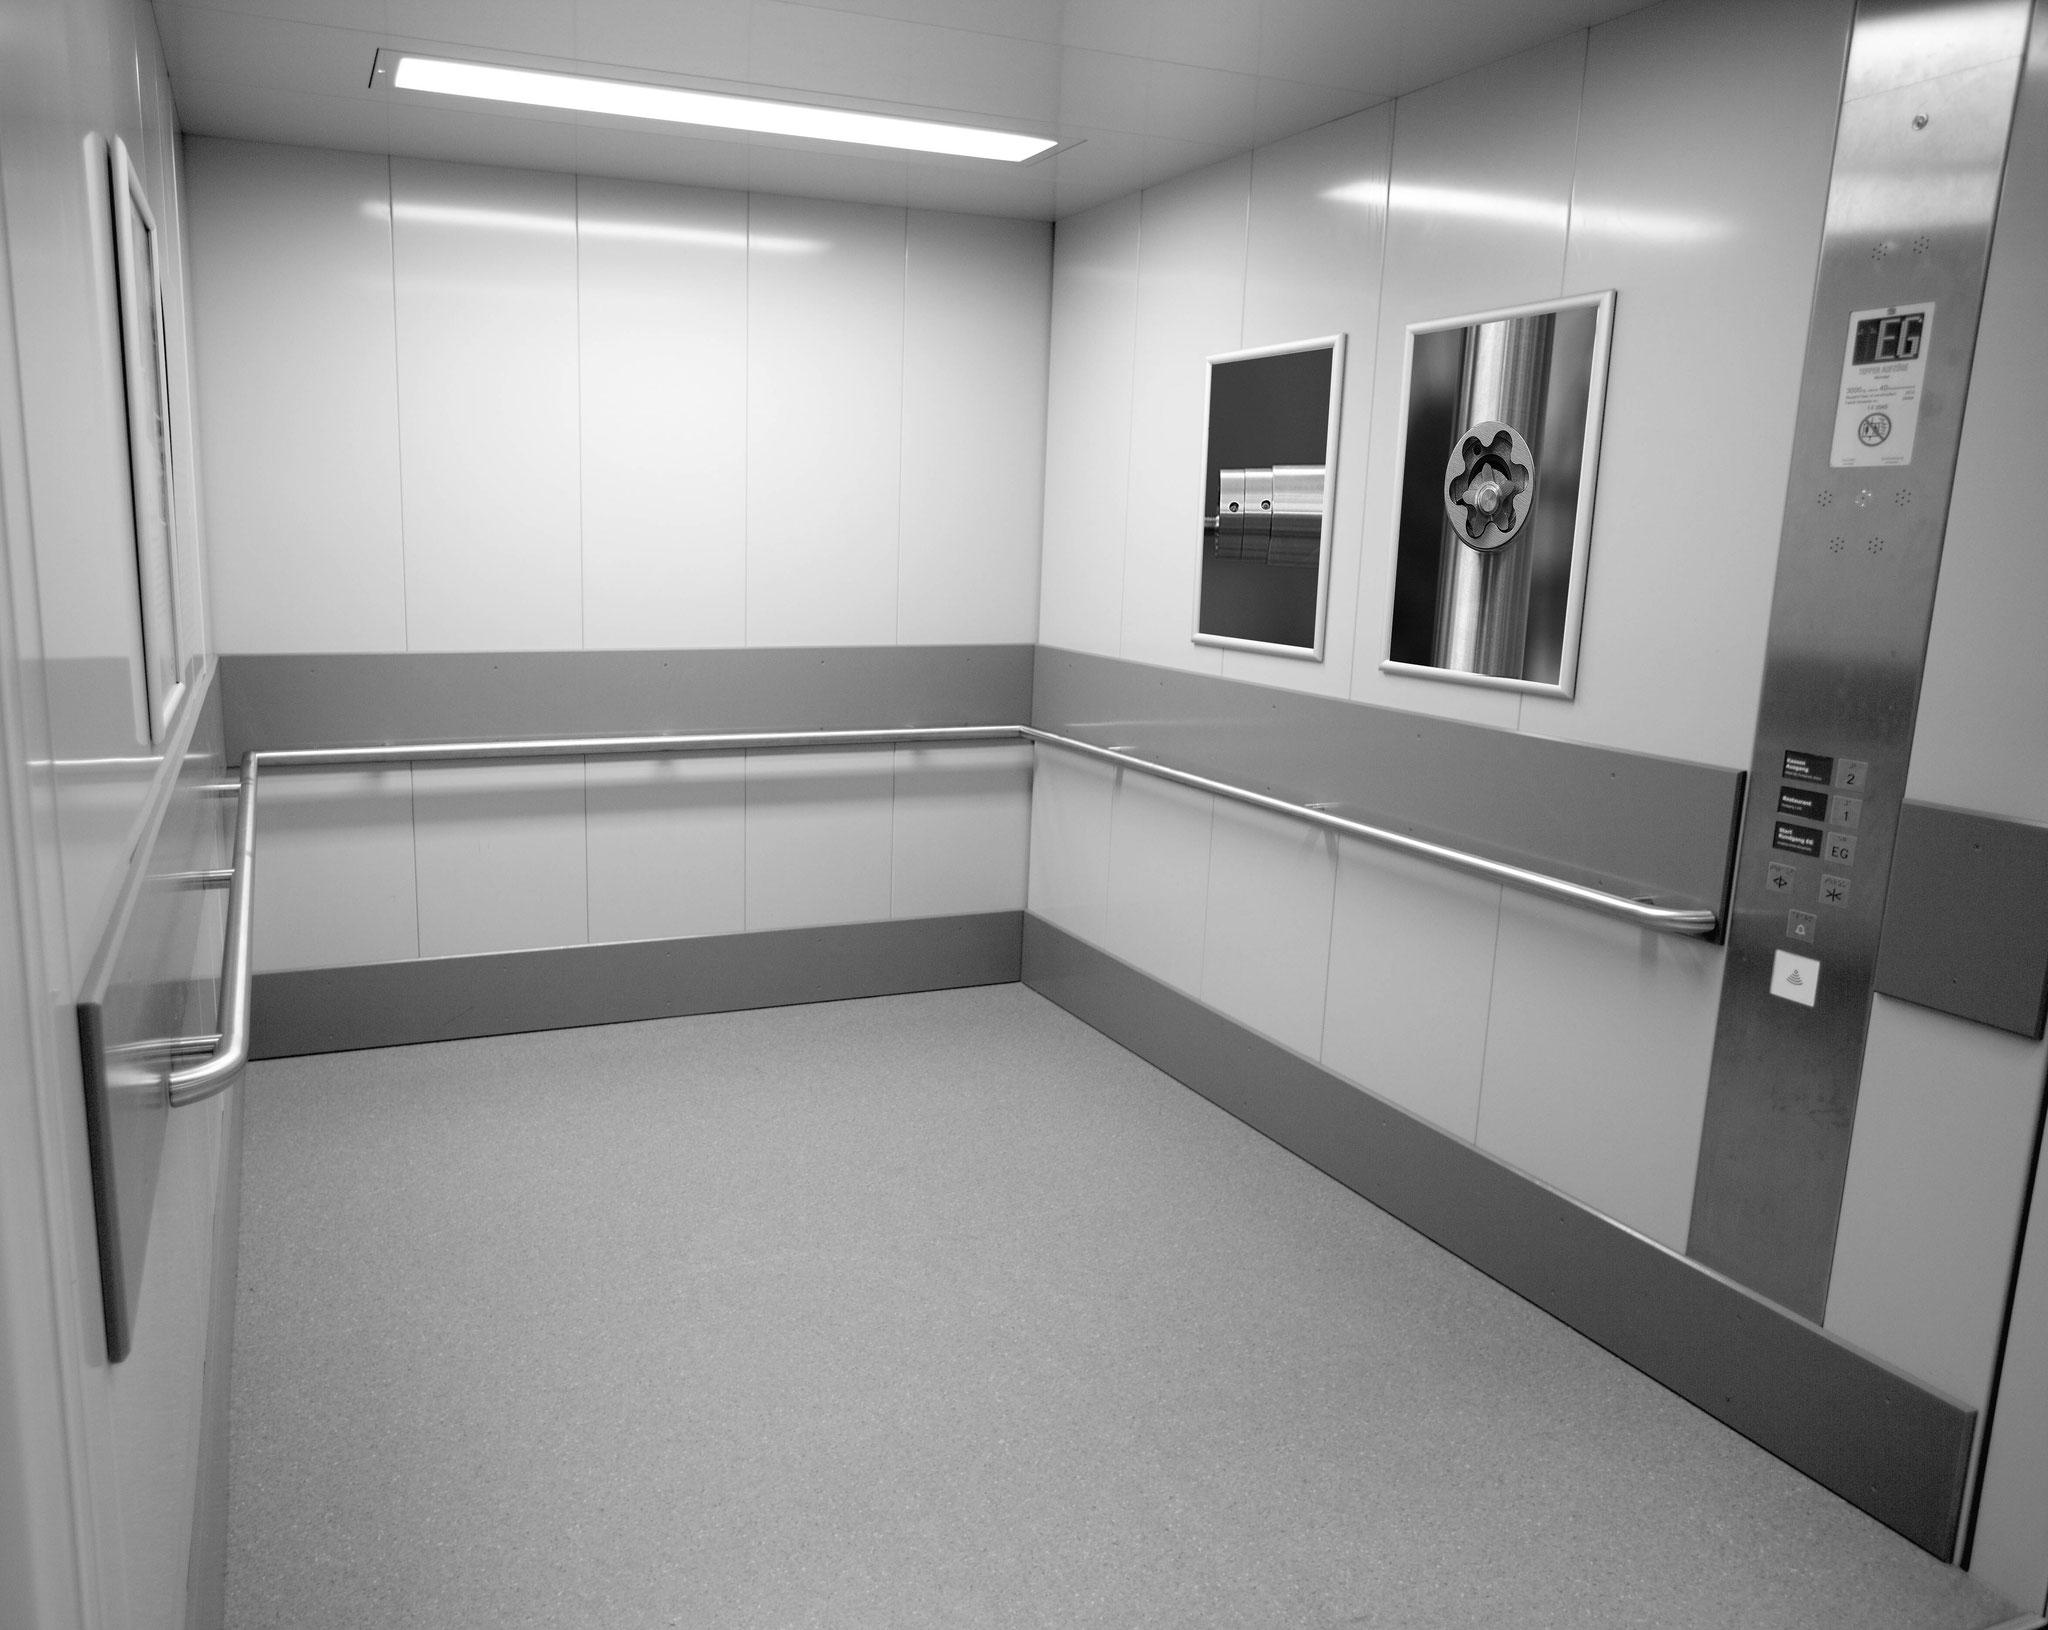 Round e-li handrail in lift cabin